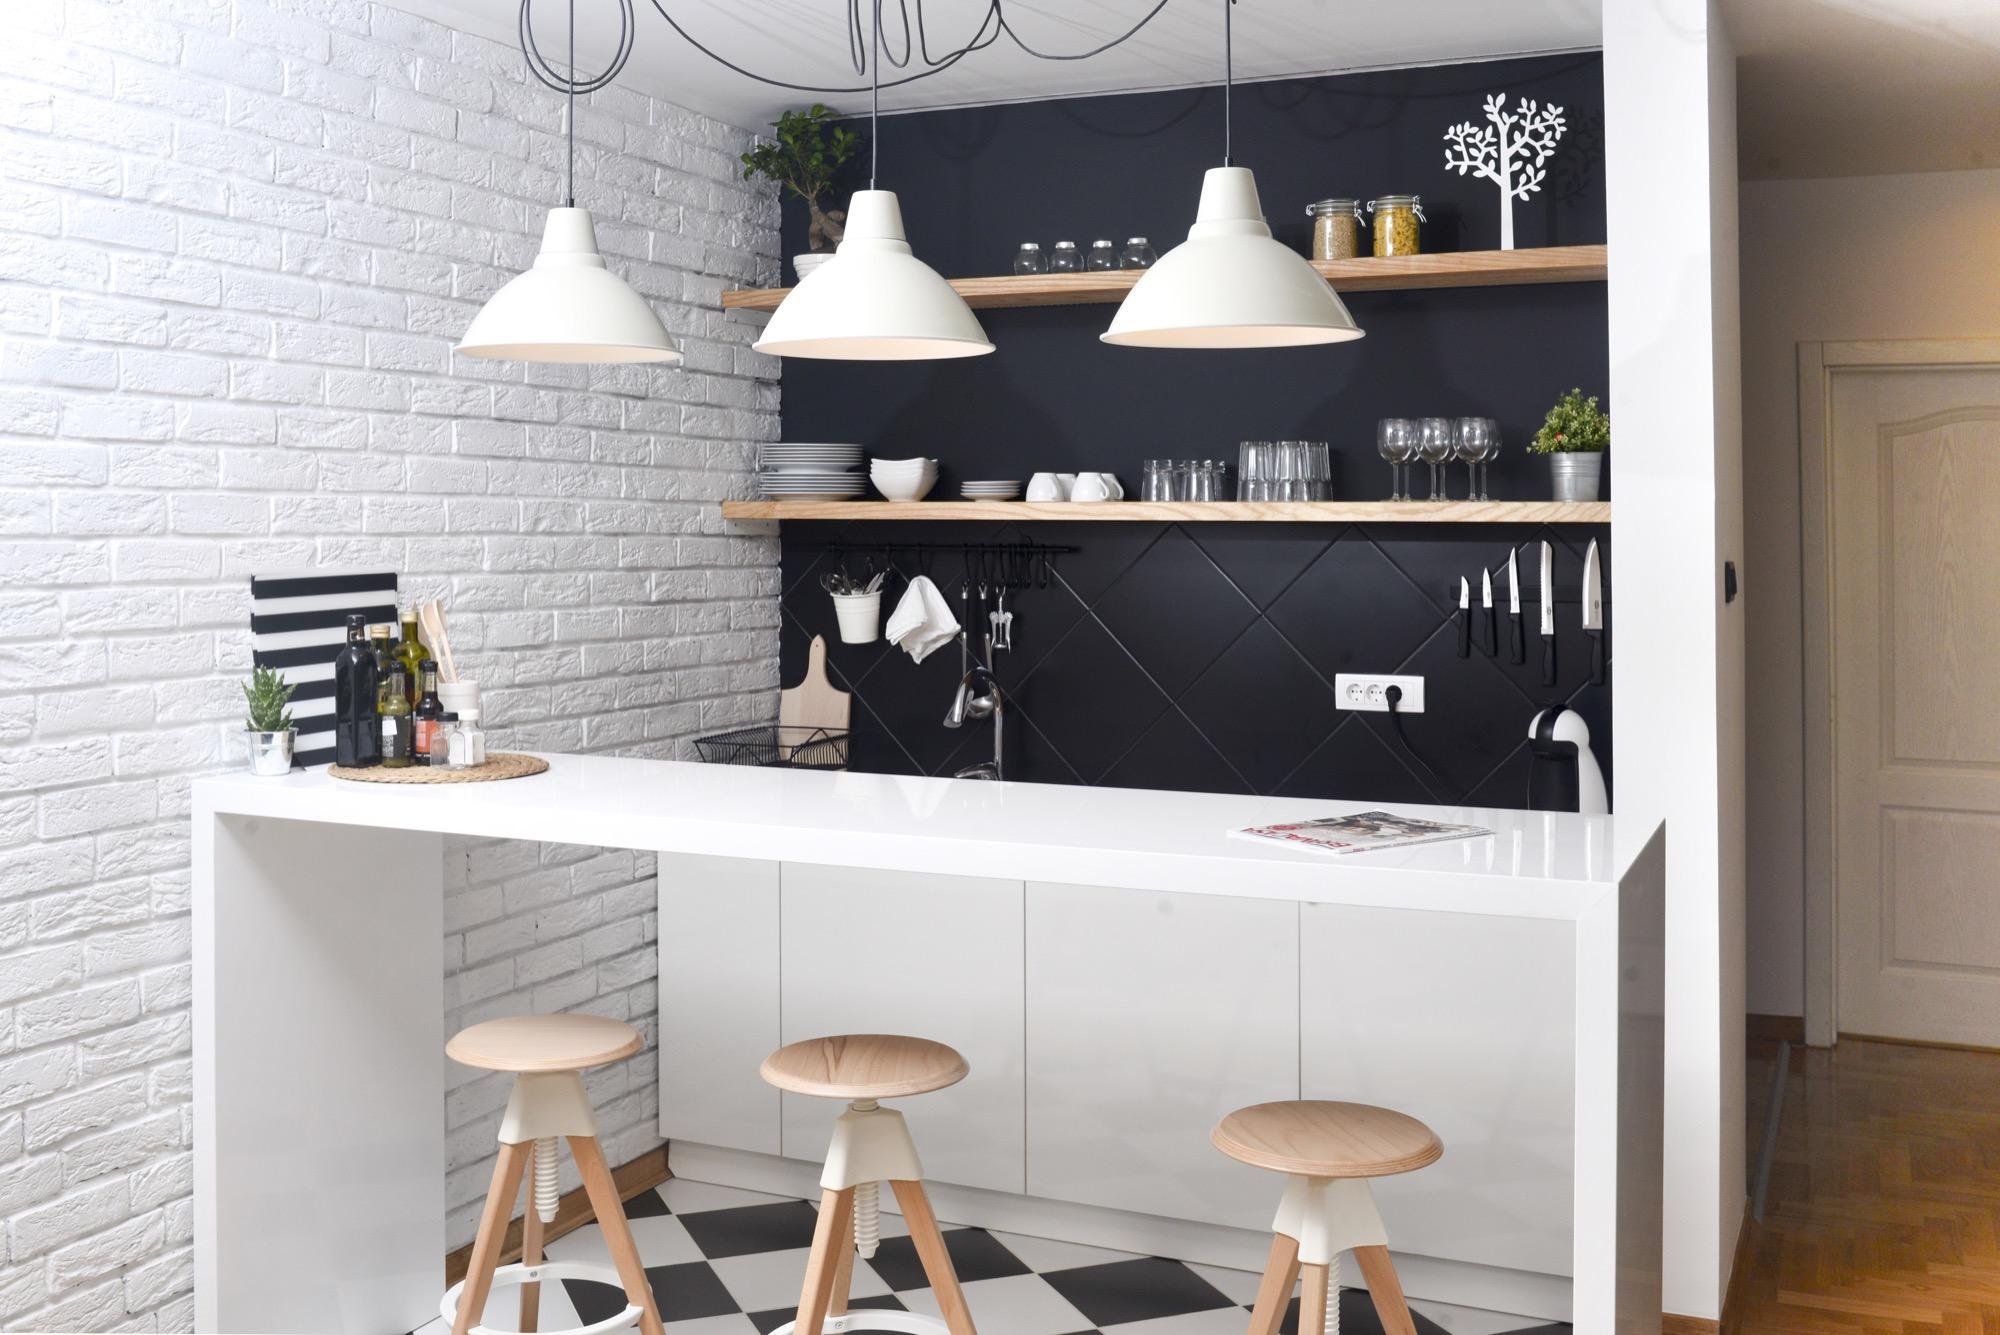 Pinterest-Ideen: 10 geniale Küchen-Gadgets unter 20 Euro | BRIGITTE.de